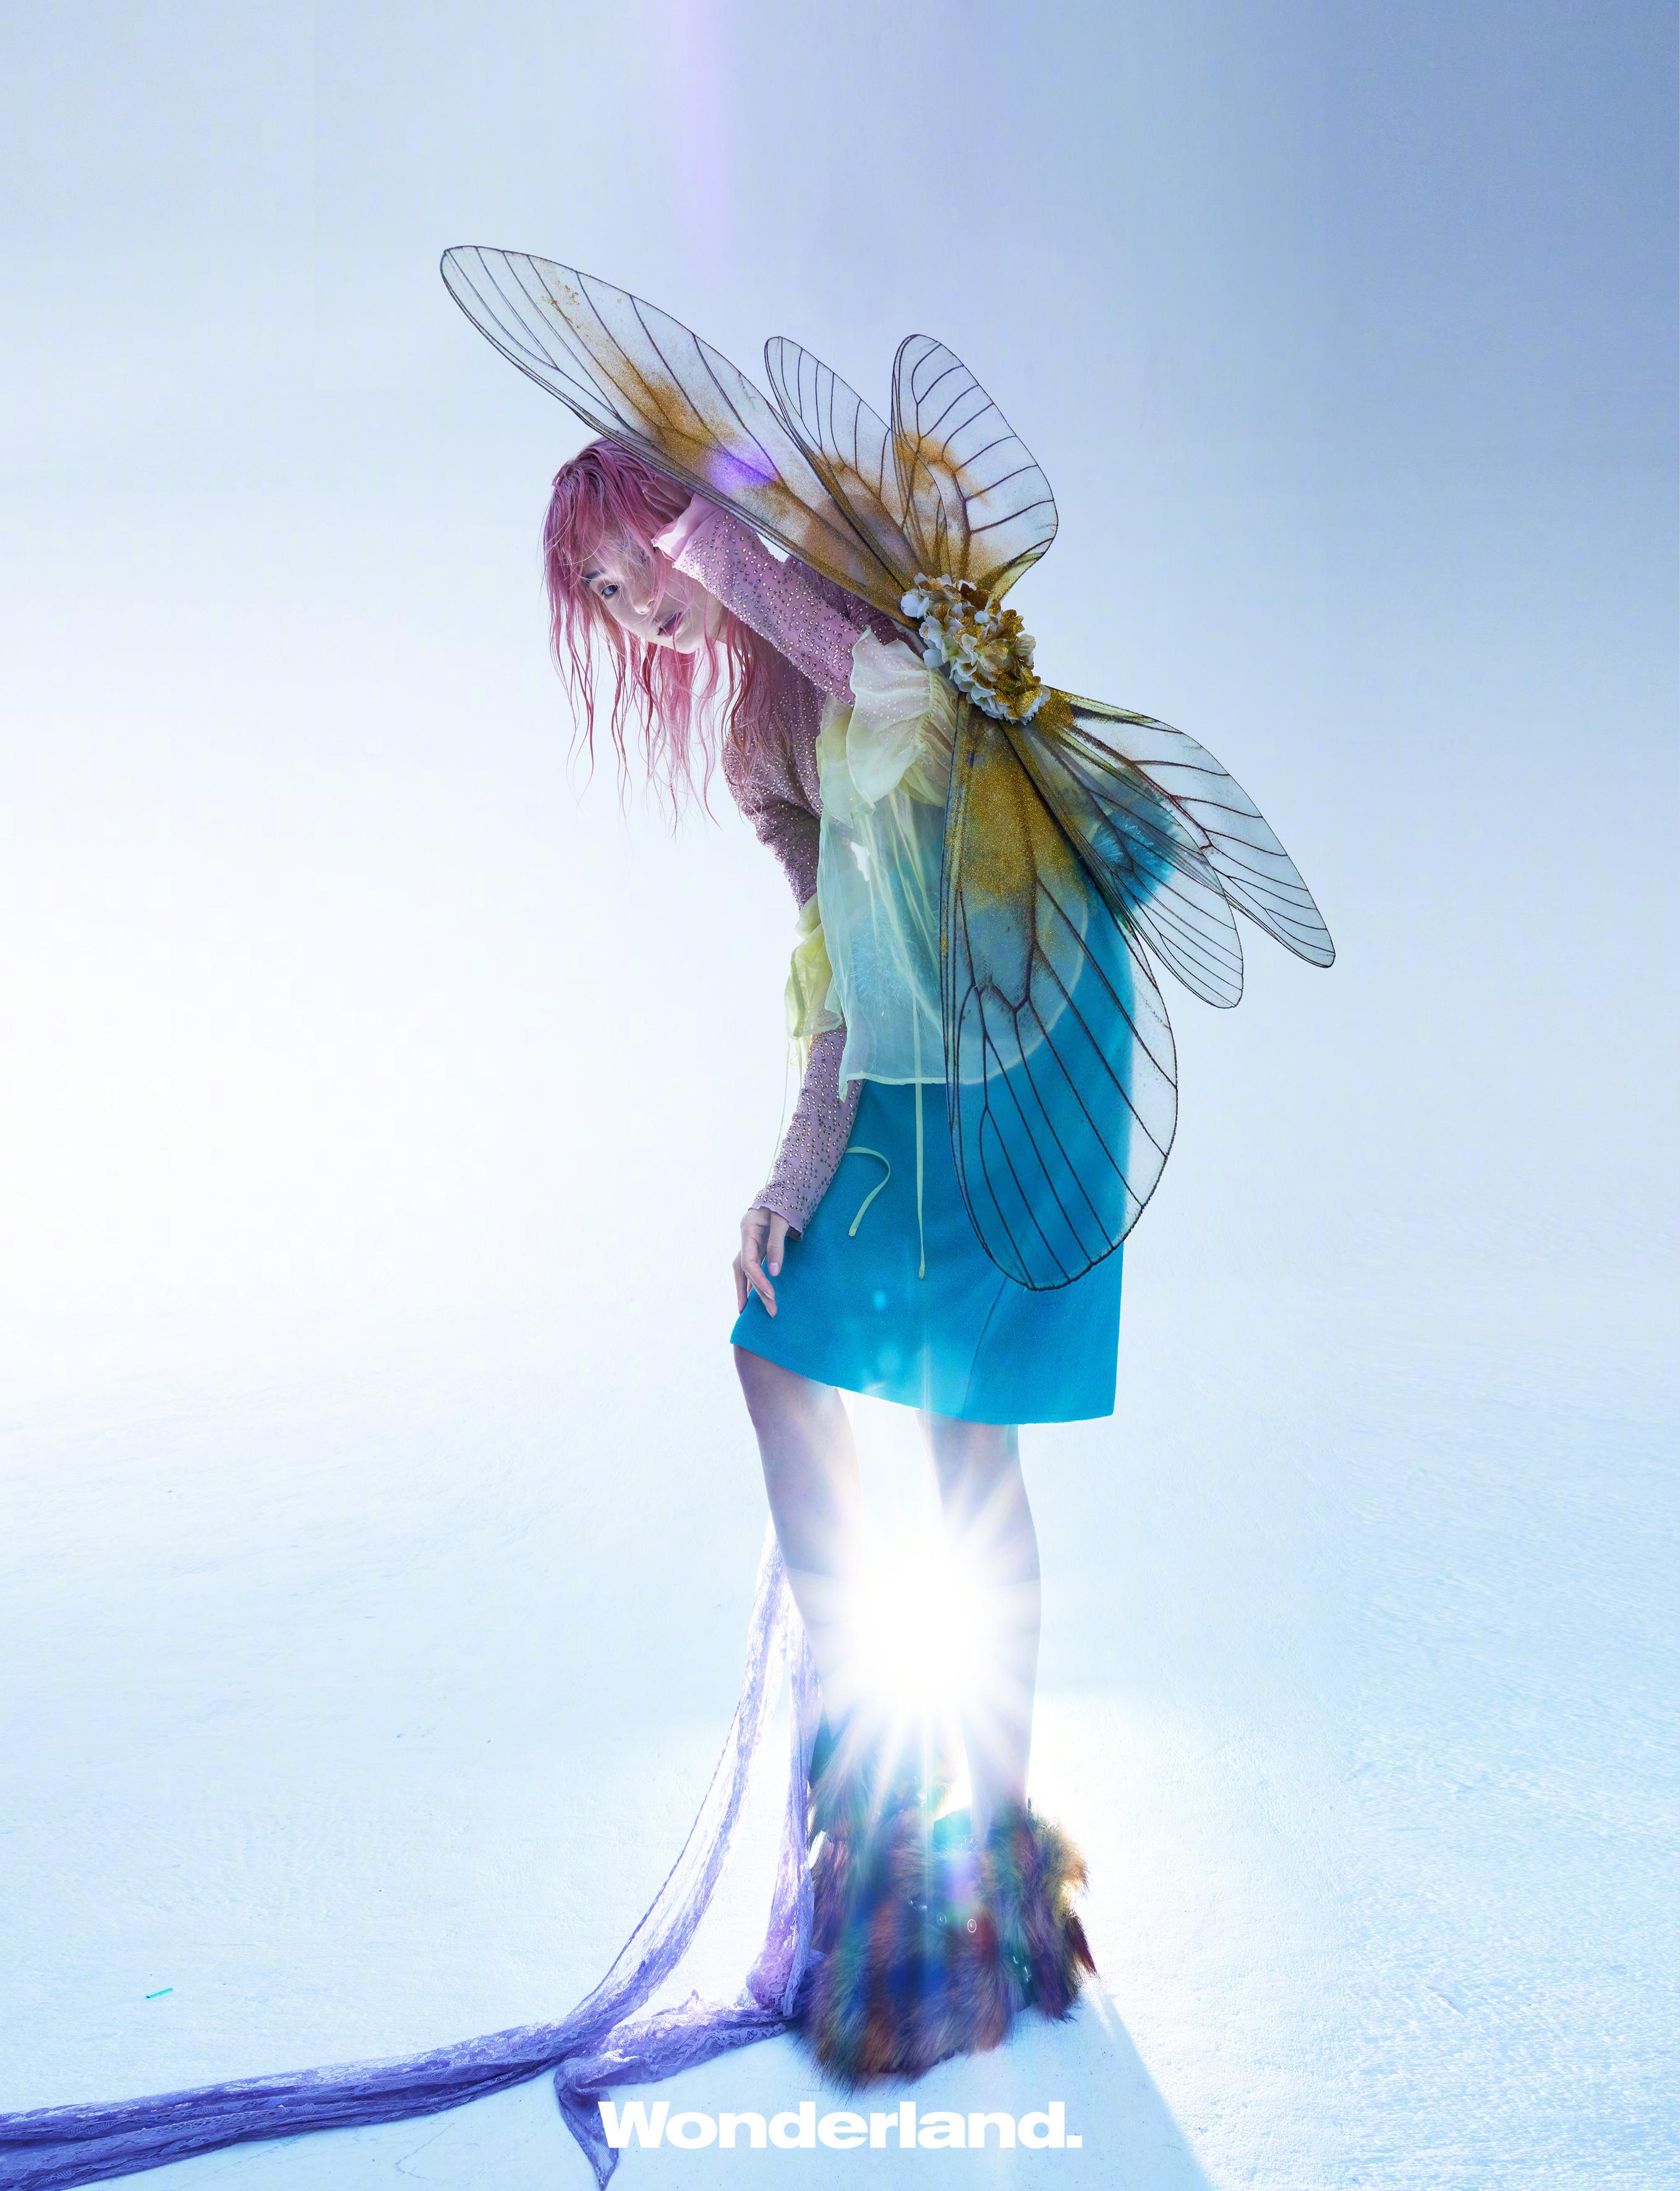 公主日记雎晓雯Wonderland九月刊封面大片...美女 公主日记 第1张